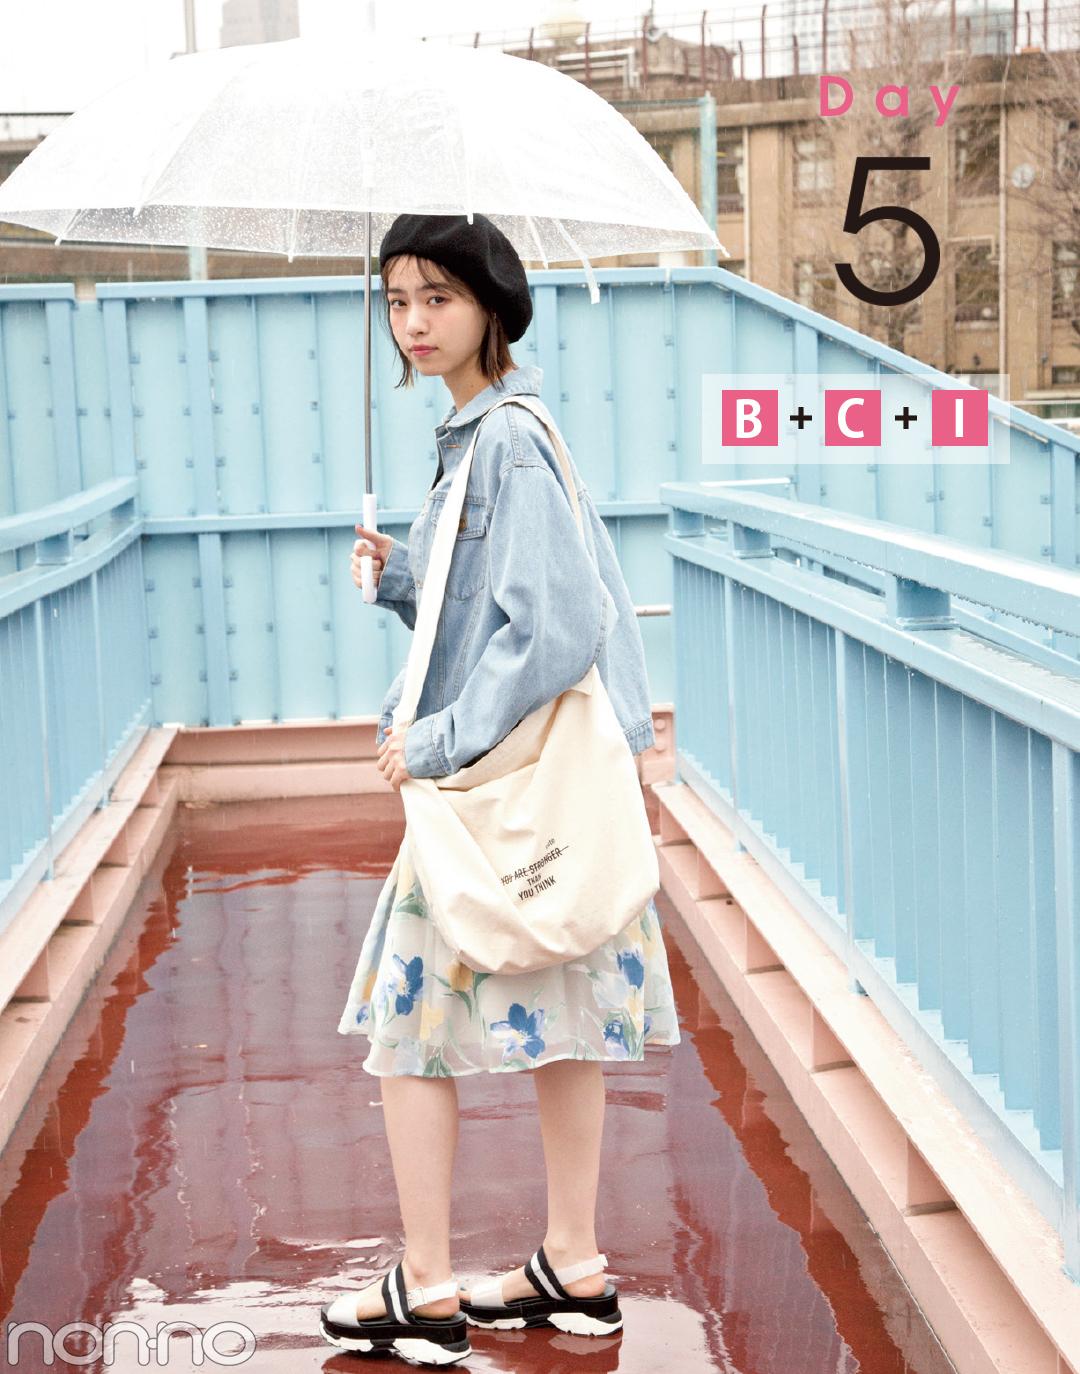 西野七瀬主演♡「4月の甘め服に5月の買い足し」でおしゃれ度アップ着回し5days!_2_2-4